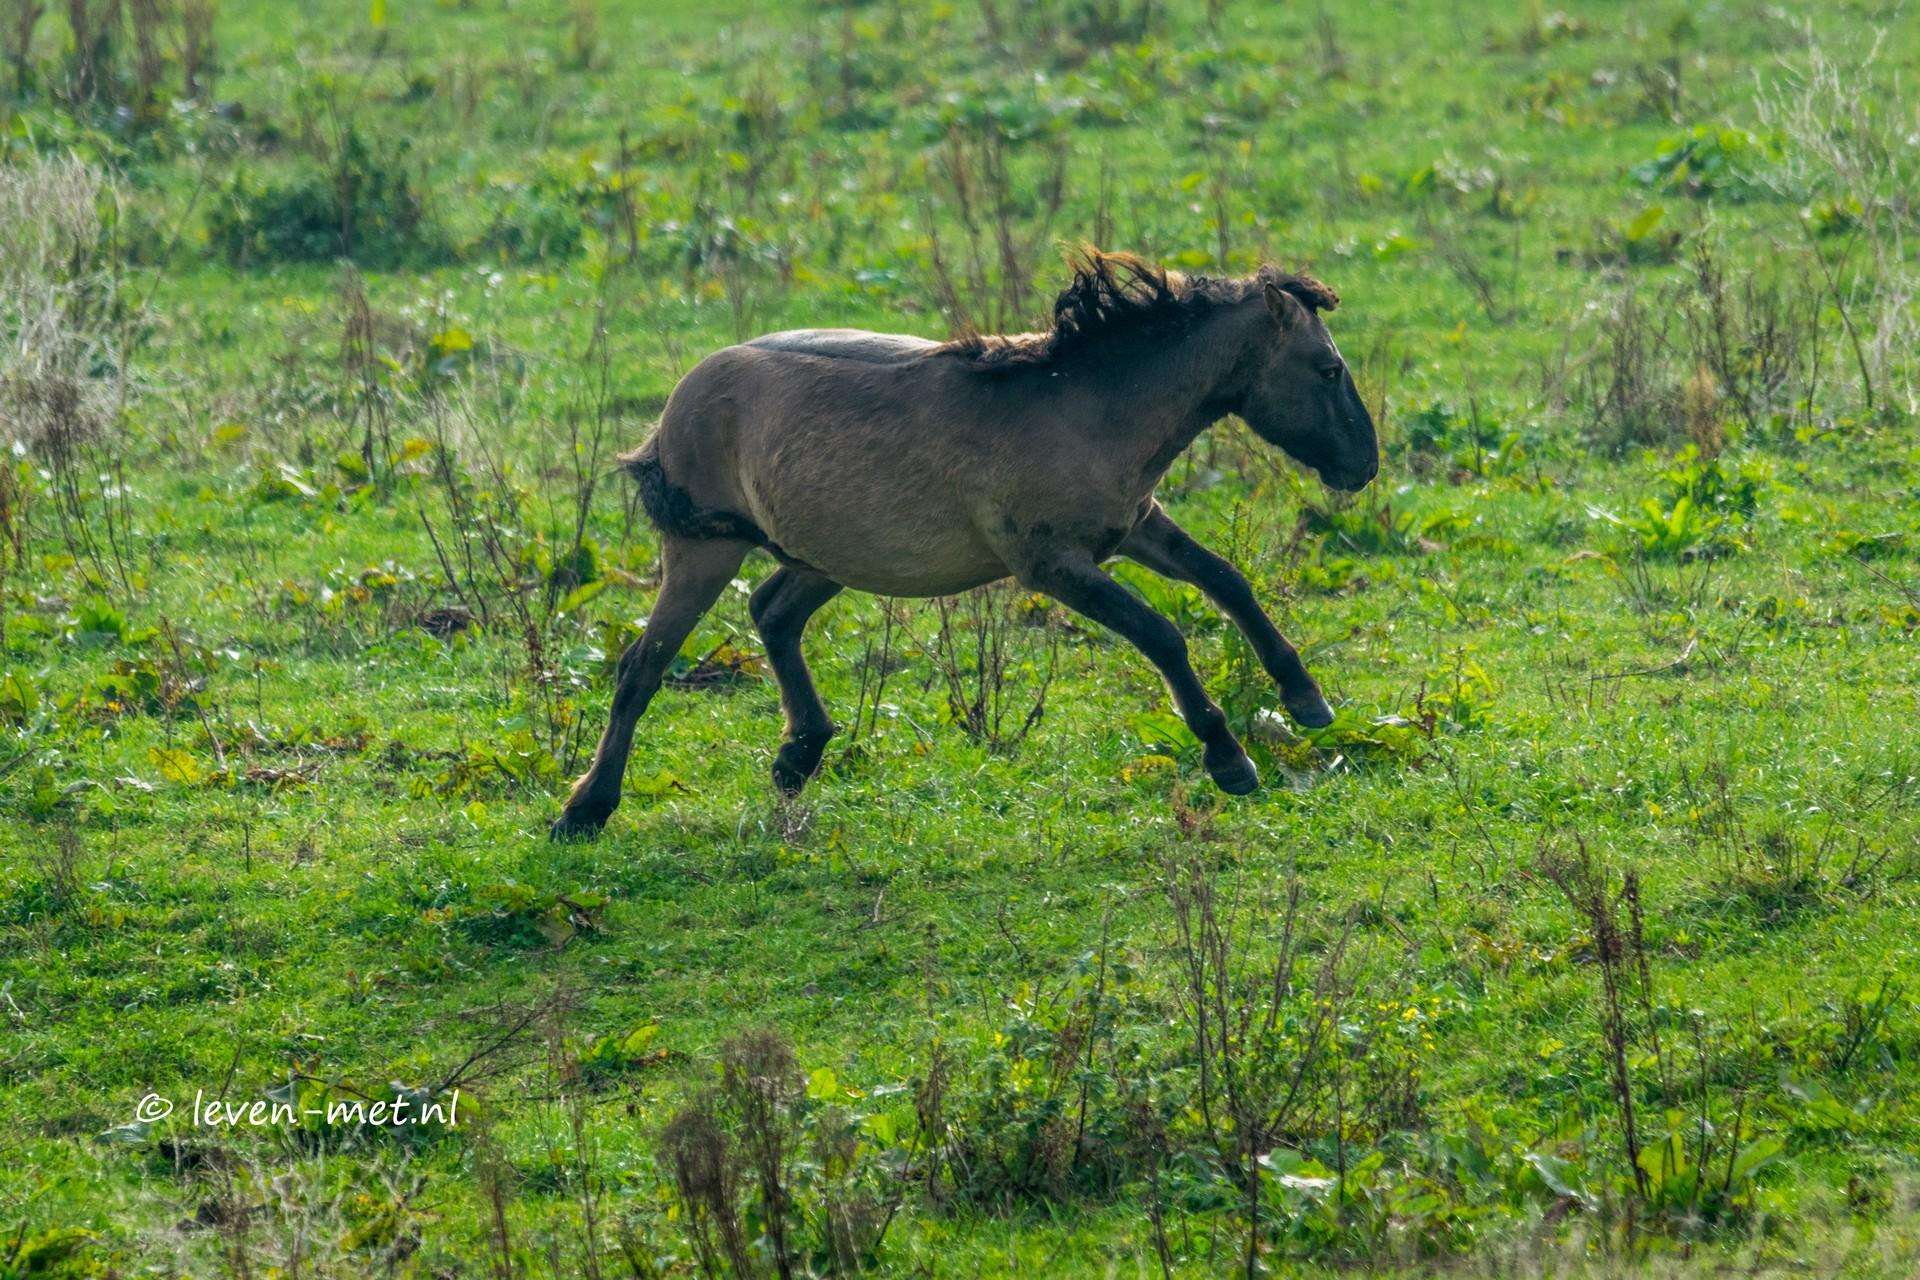 Konikpaarden hebben het op hun heupen